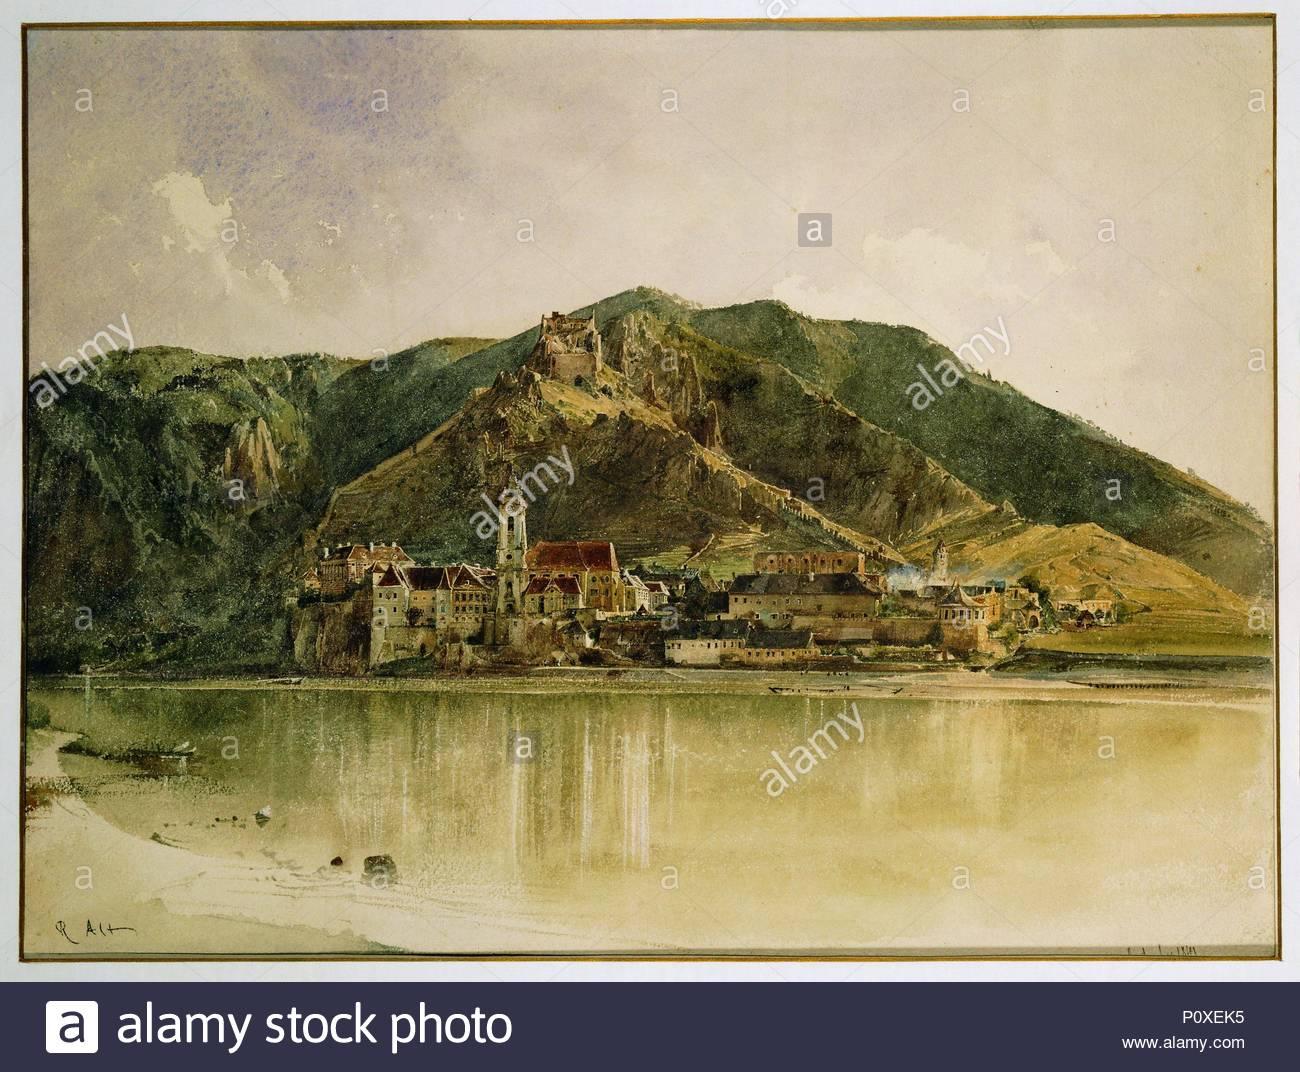 Blick auf Duernstein an der Donau - Duernstein on the Danube,1841. Watercolour,32,6 x 43,5 cm. Author: VON ALT, RUDOLF. Location: Kuenstlerhaus, Vienna, Austria. - Stock Image